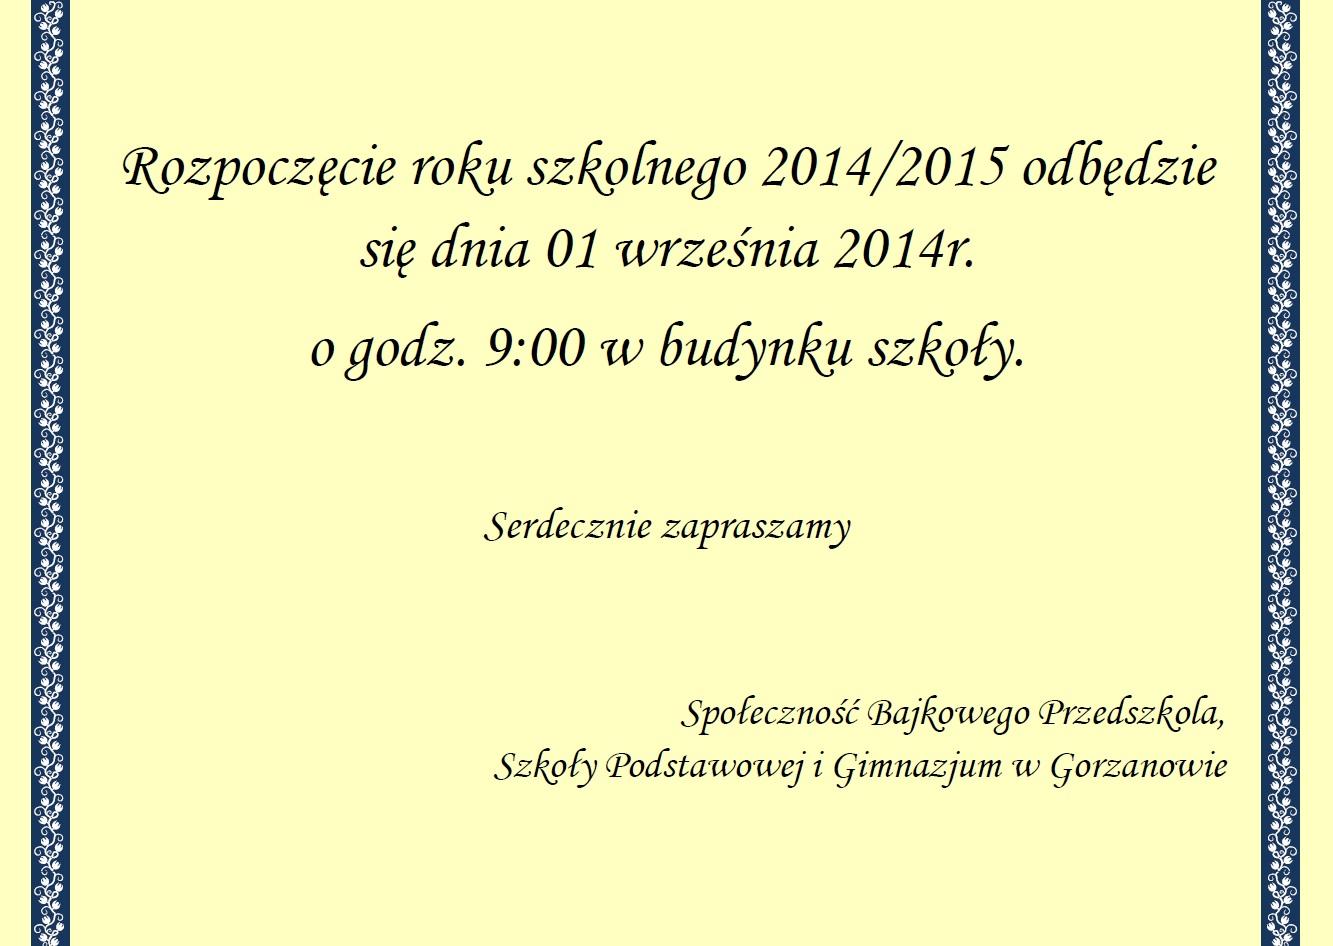 2014.08.28. Rozpoczęcie roku szkolnego 2014-2015